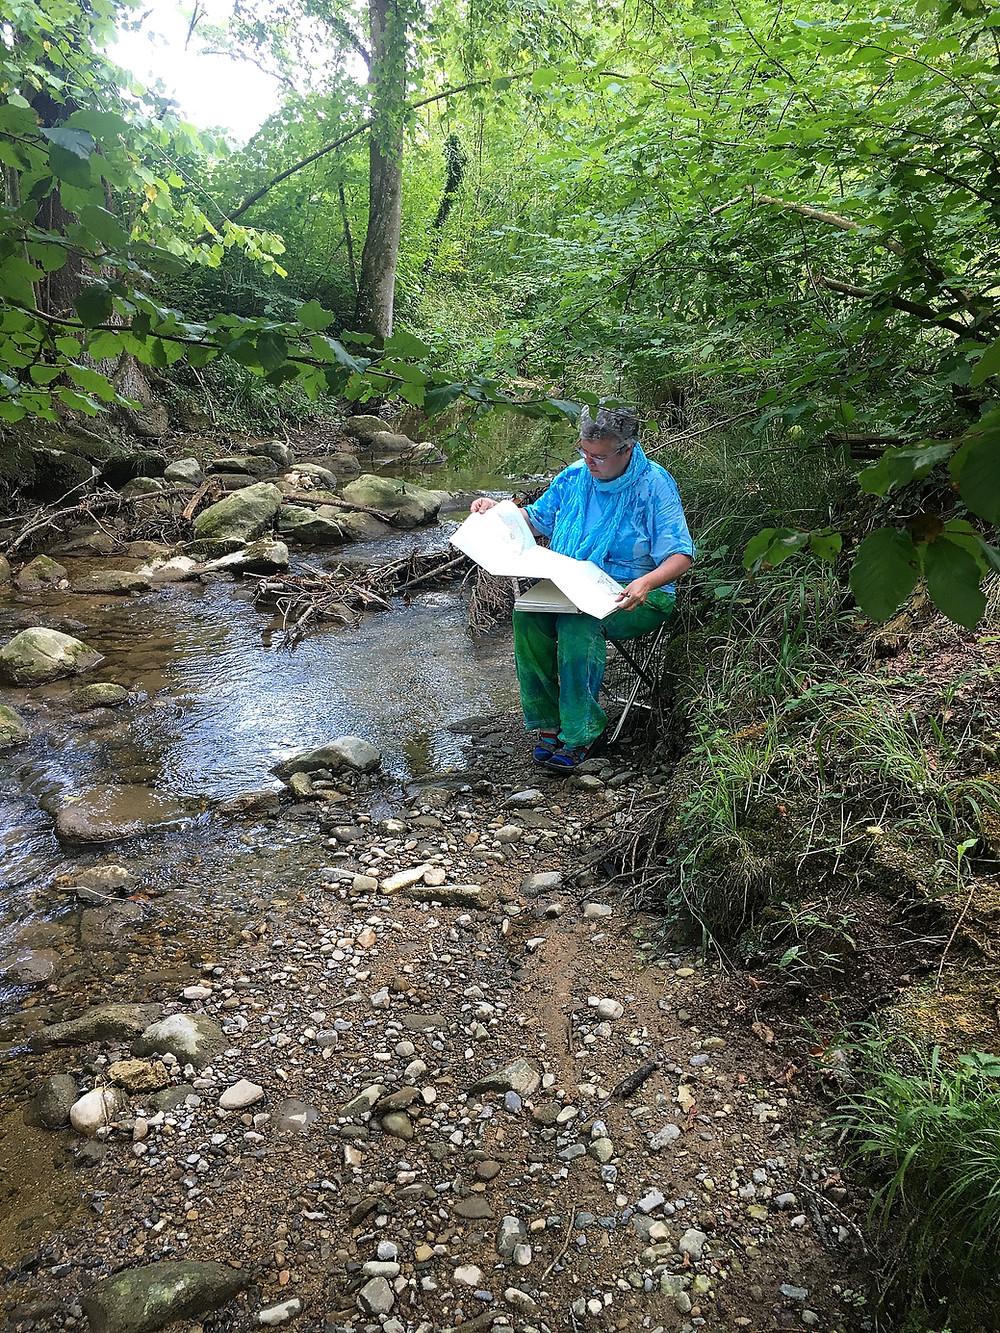 Versteckt zwischen grüner Uferbewachsung ist Christine zu entdecken, nah am Wasser und voller Konzentration.